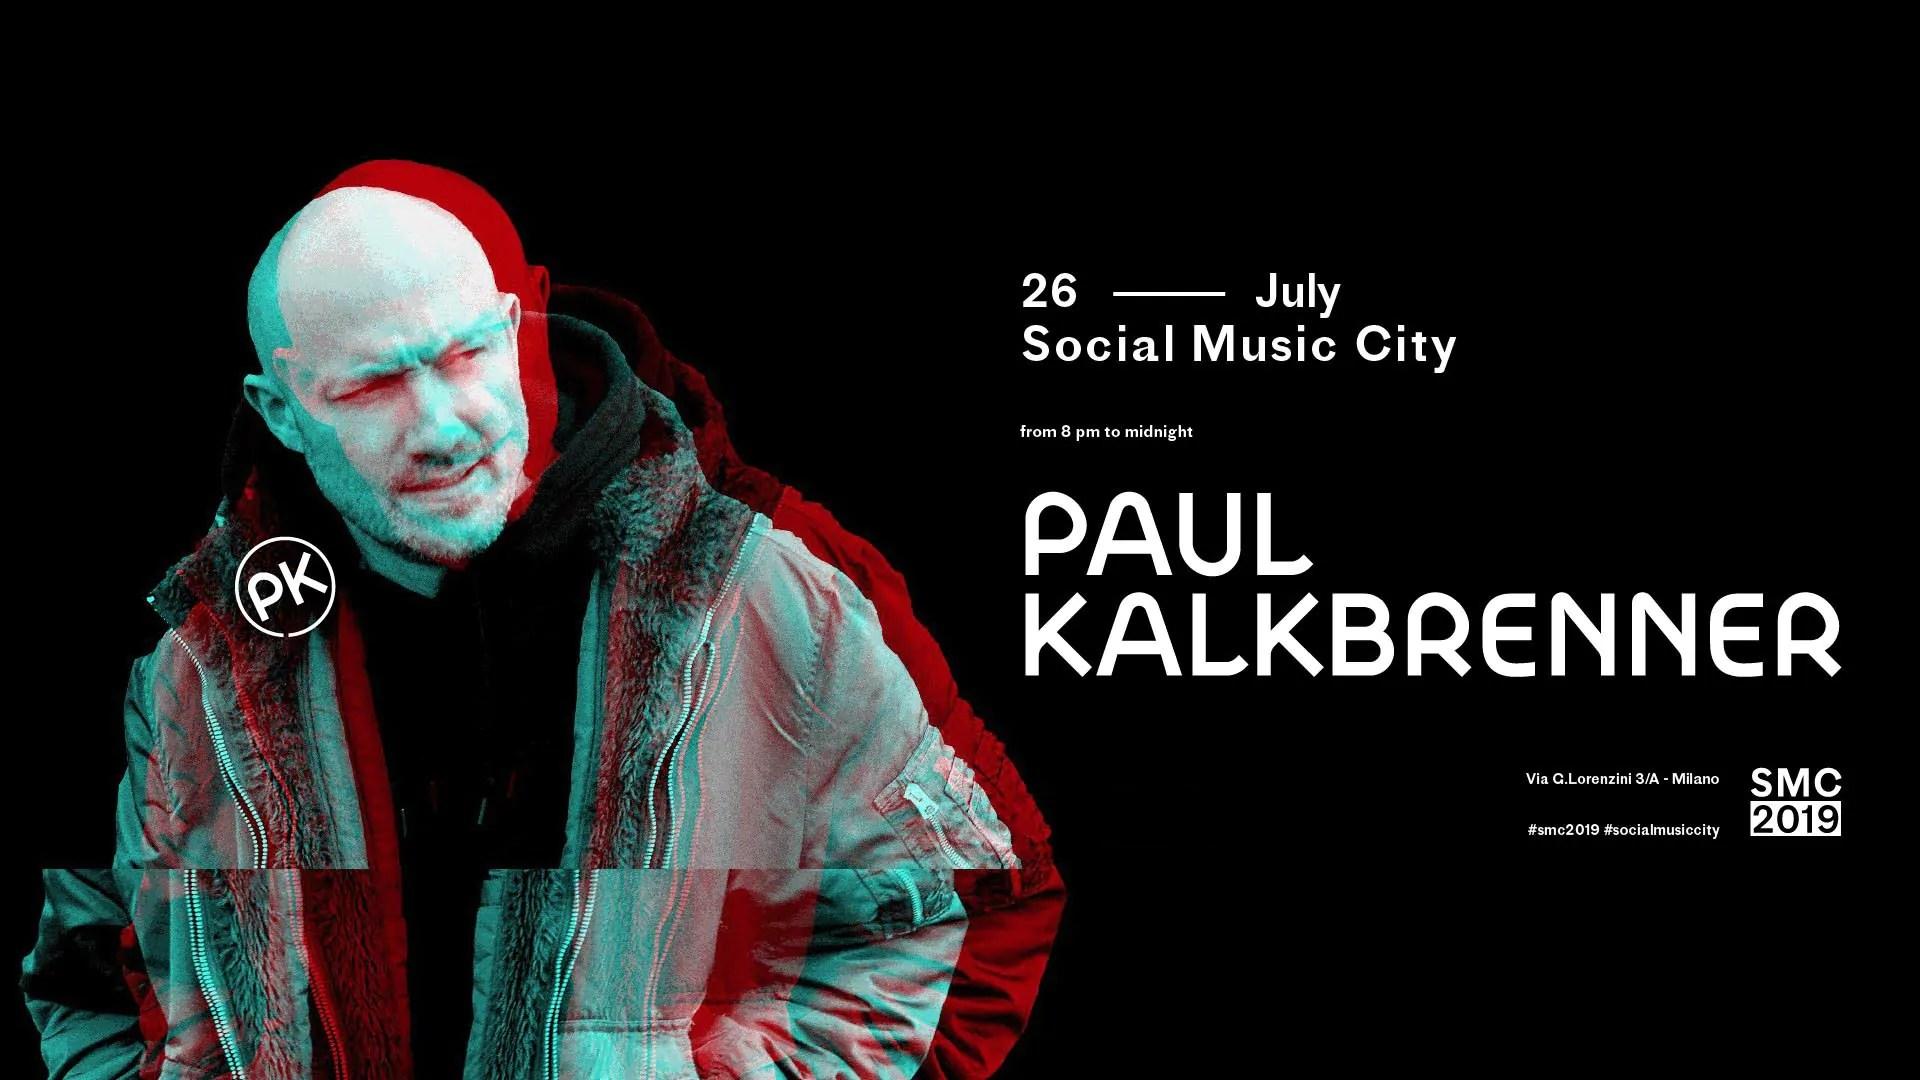 Paul Kalkbrenner Social Music City Milano – Venerdì 26 Luglio 2019 – Ticket in prevendita Biglietti Prevendite Tavoli Pacchetti Hotel